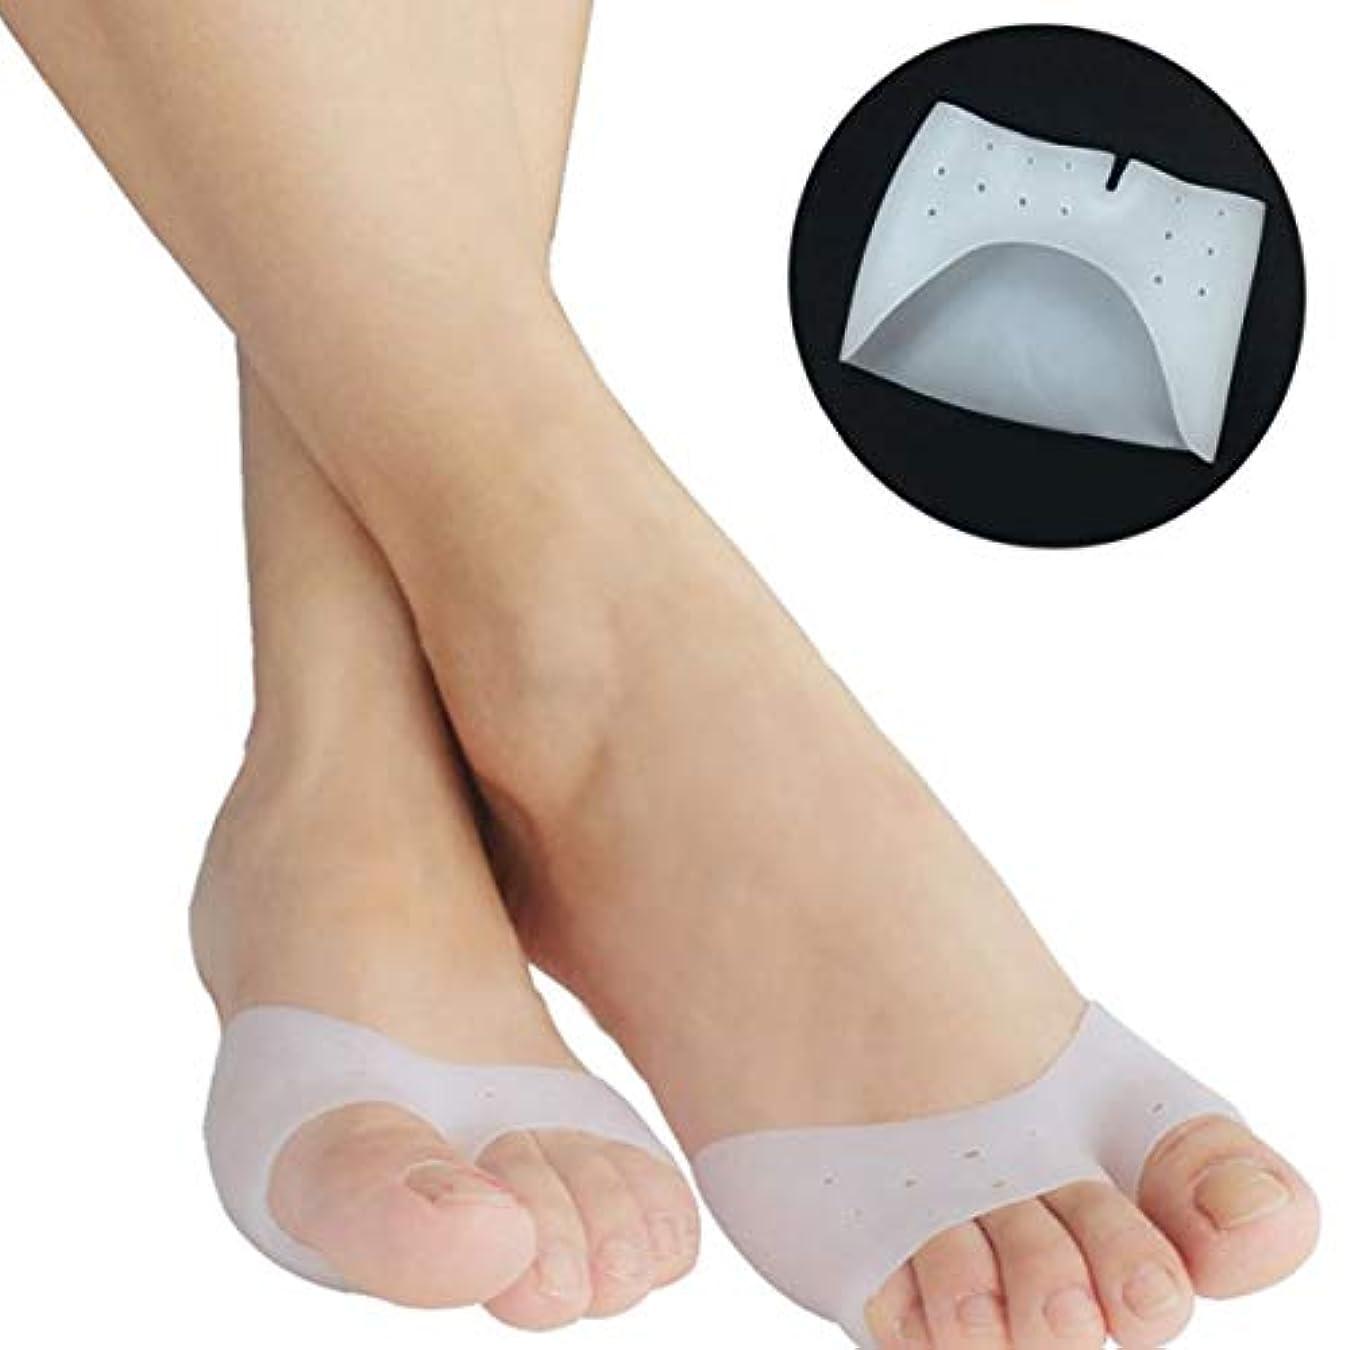 ところで粘液協定シリコーンゲル足指足指セパレーター足ケアツール腱膜スプリントストレイテナーコレクターHallux外反マッサージ